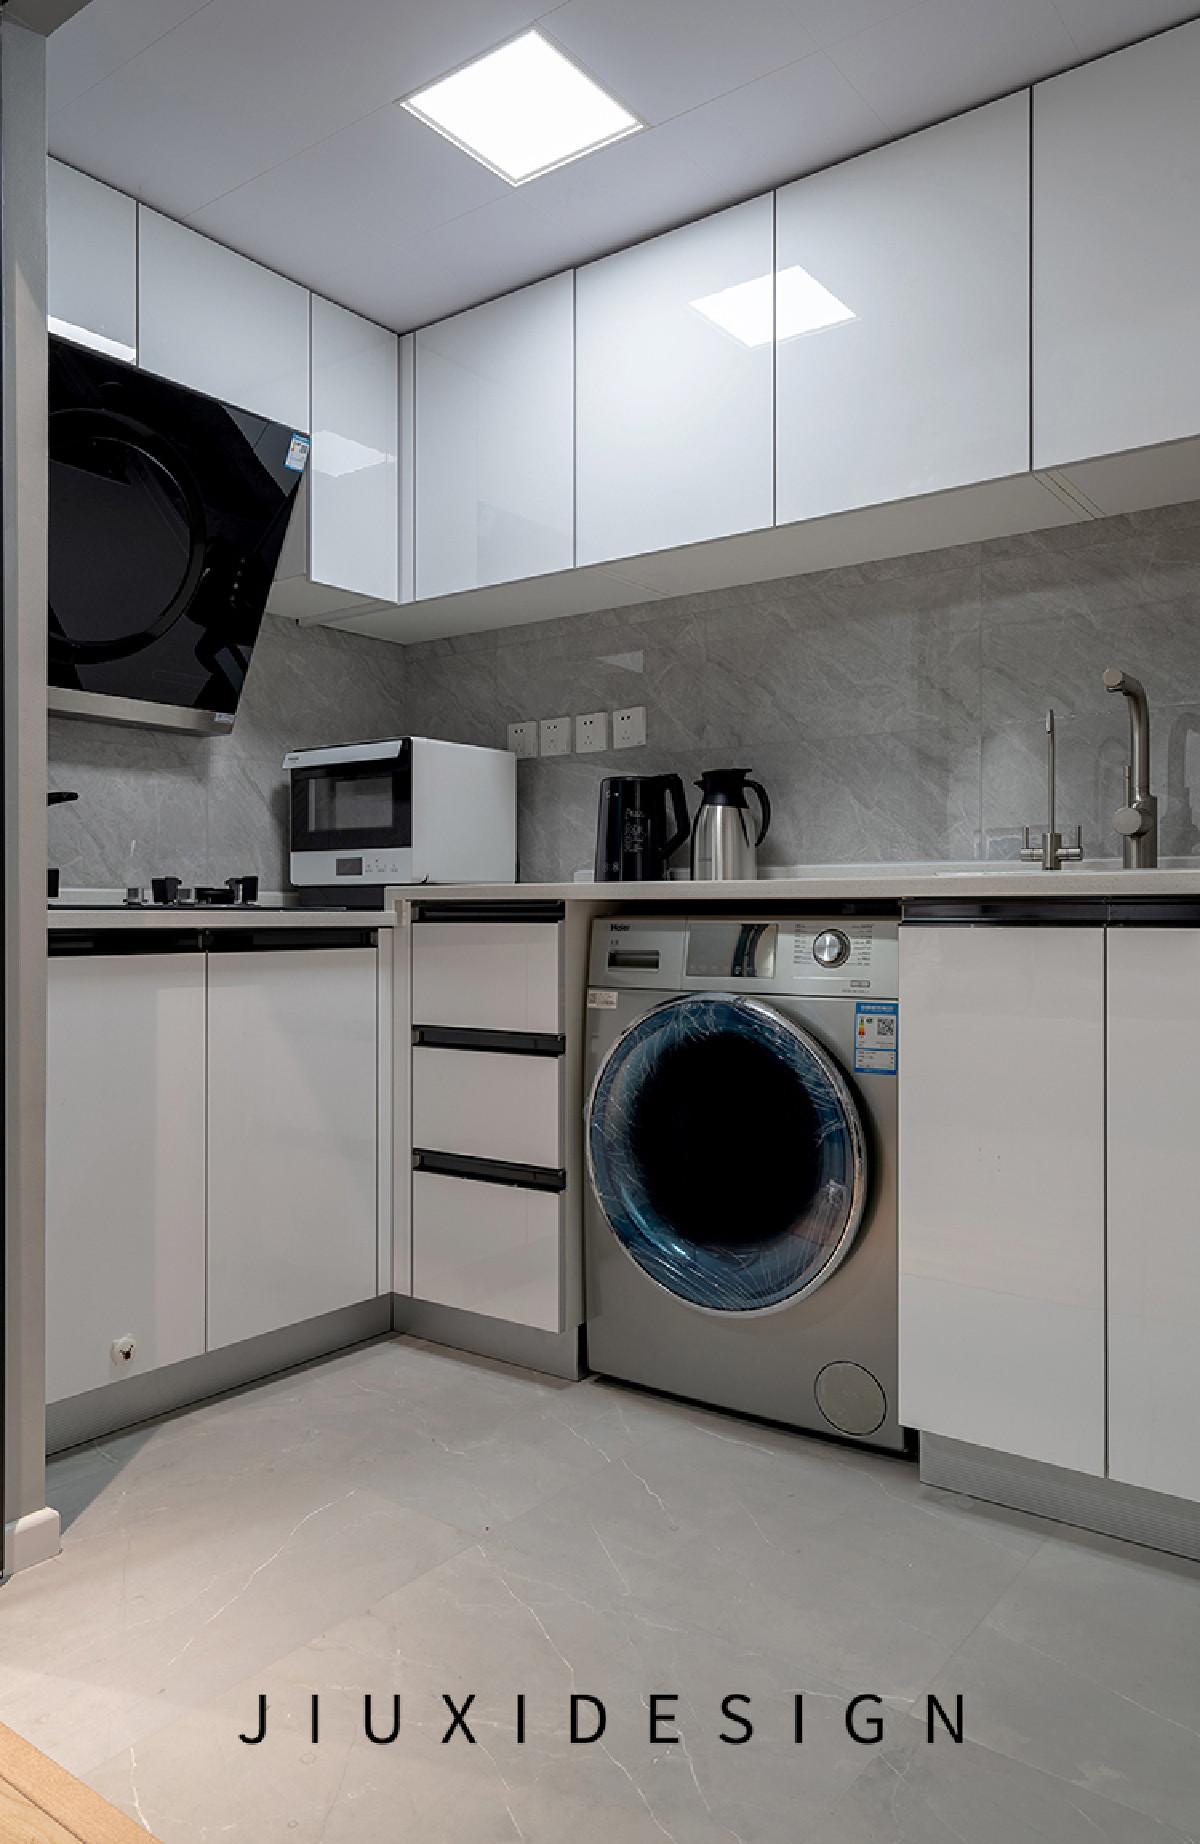 橱柜颜色选用了白色,因空间大小有限,灶台与油烟机的尺寸需要掌握非常精确才能够正常安装使用。洗衣机镶嵌在橱柜内,释放其他操作空间。